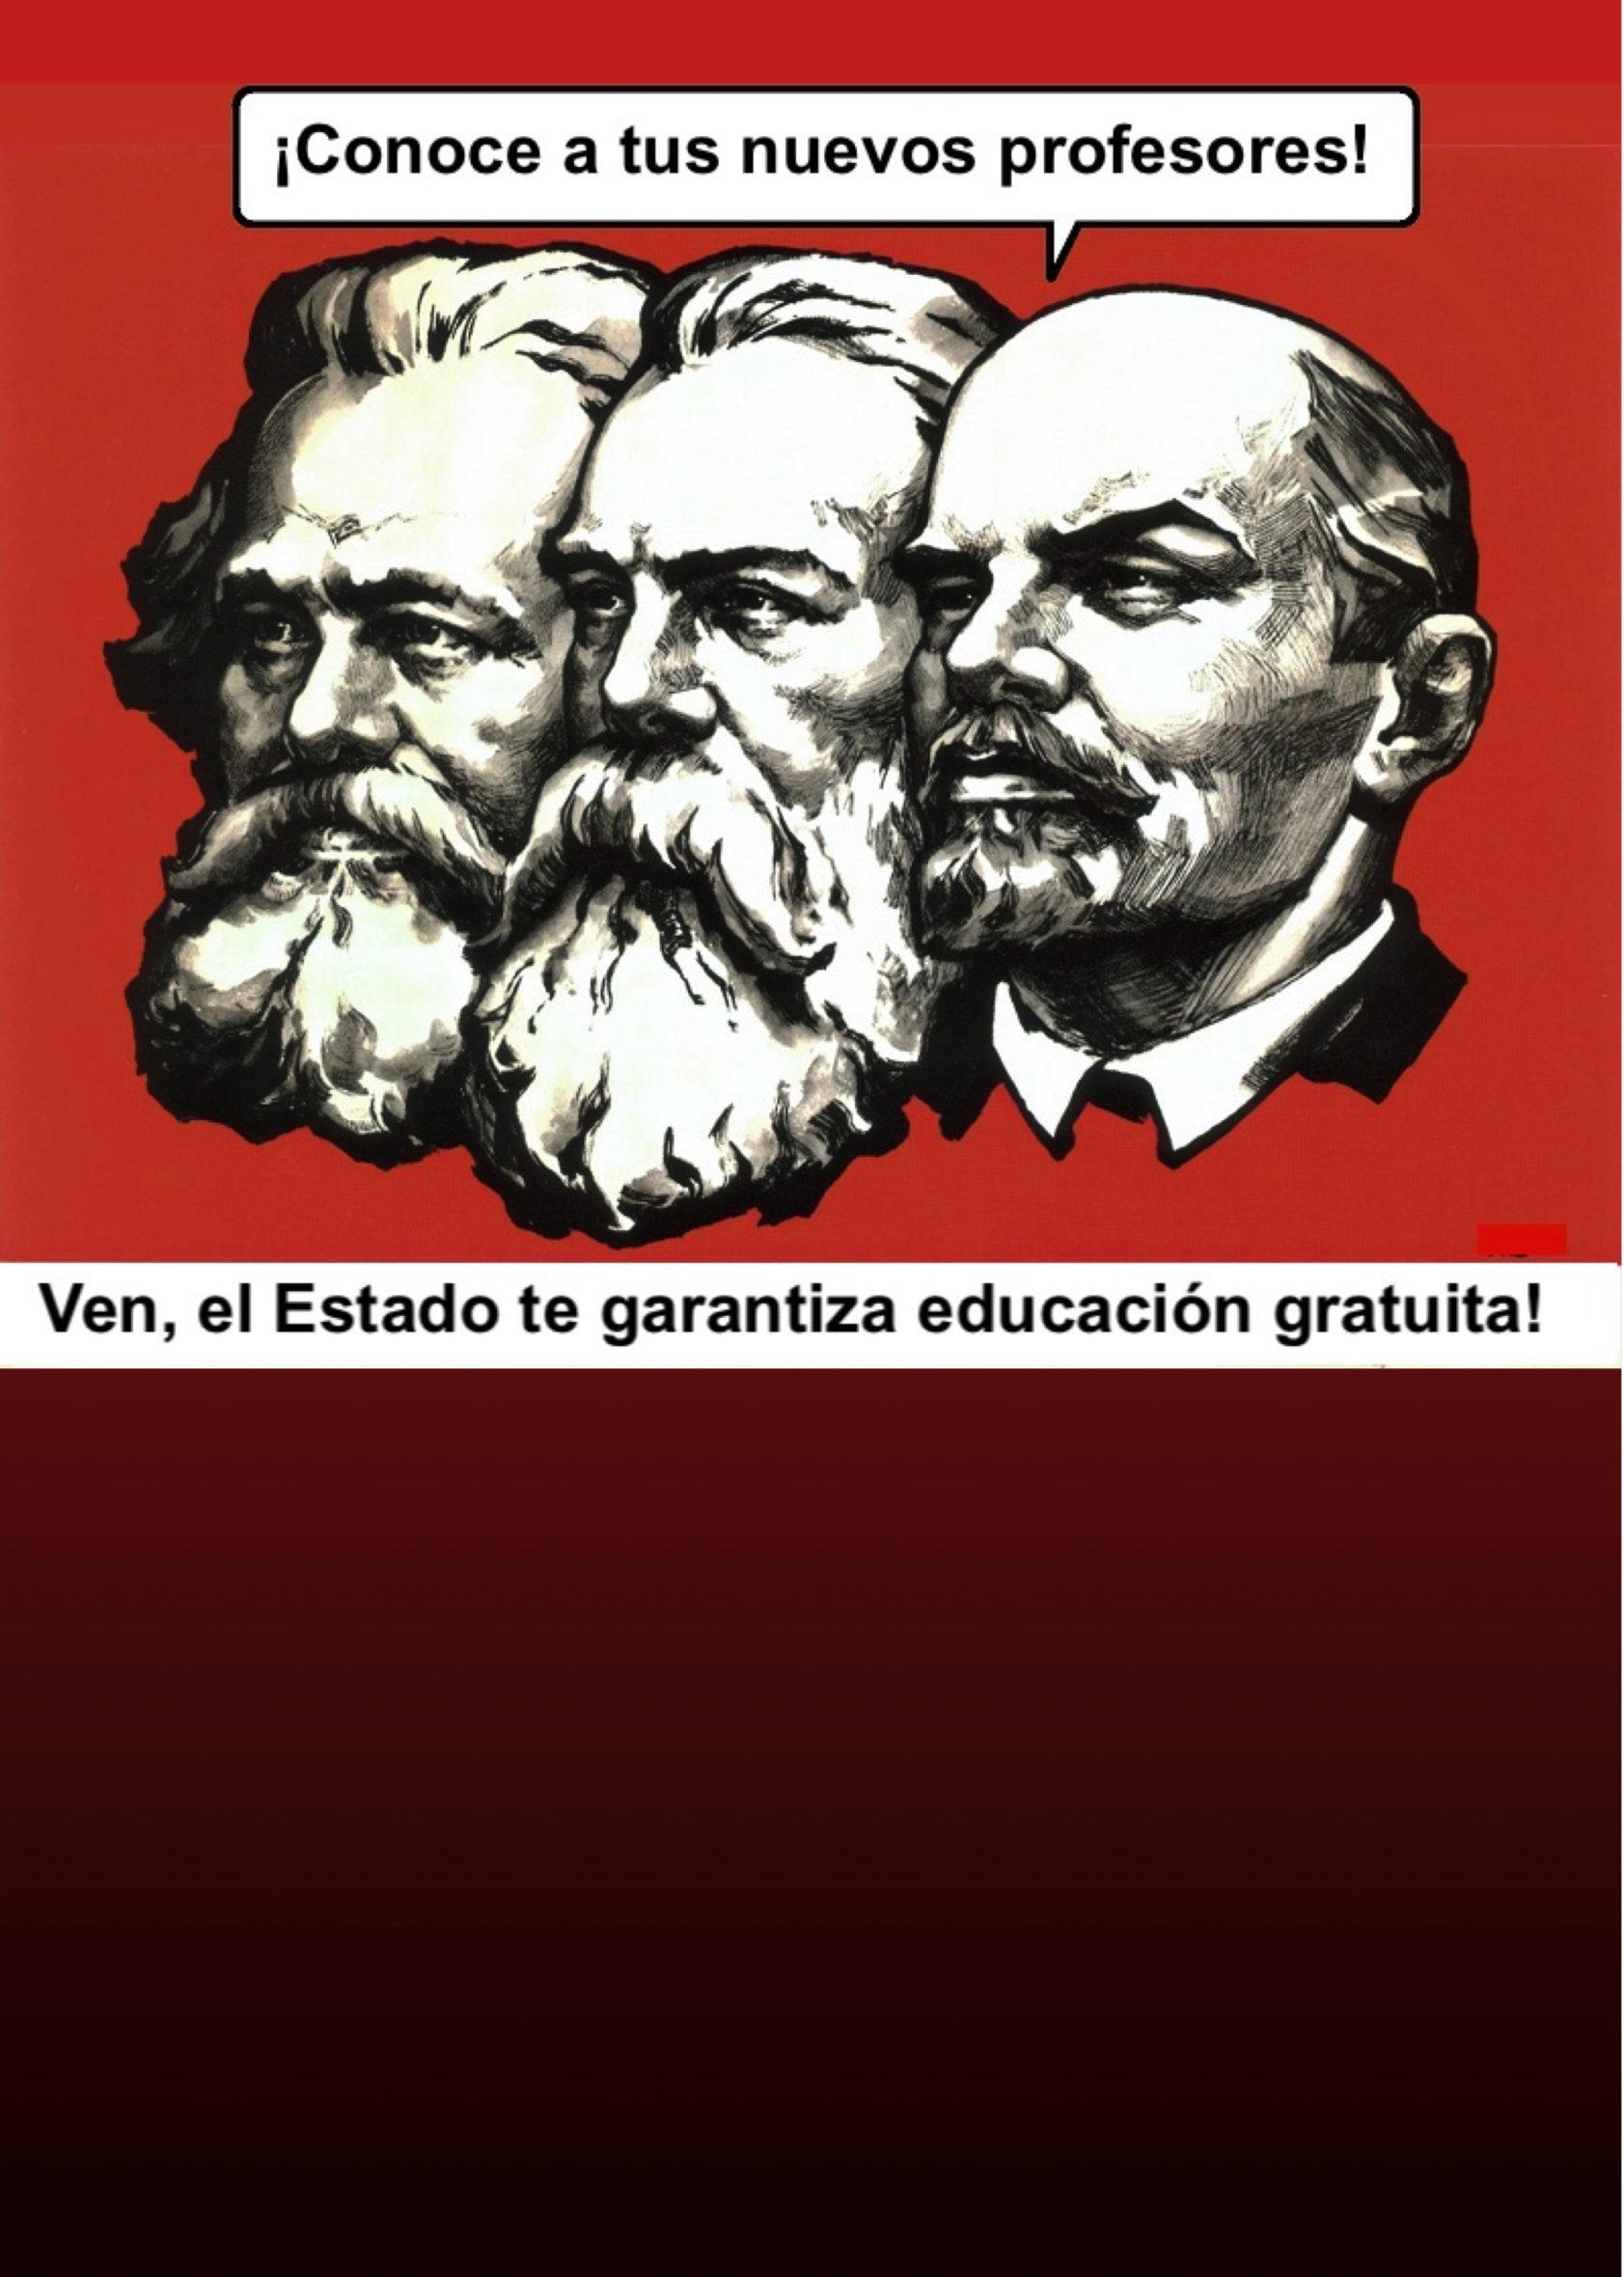 Las «Escuelas de Justicia Social» en las Escuelas Públicas Encubren la  Enseñanza Marxista – reconstruccioncristiana.org